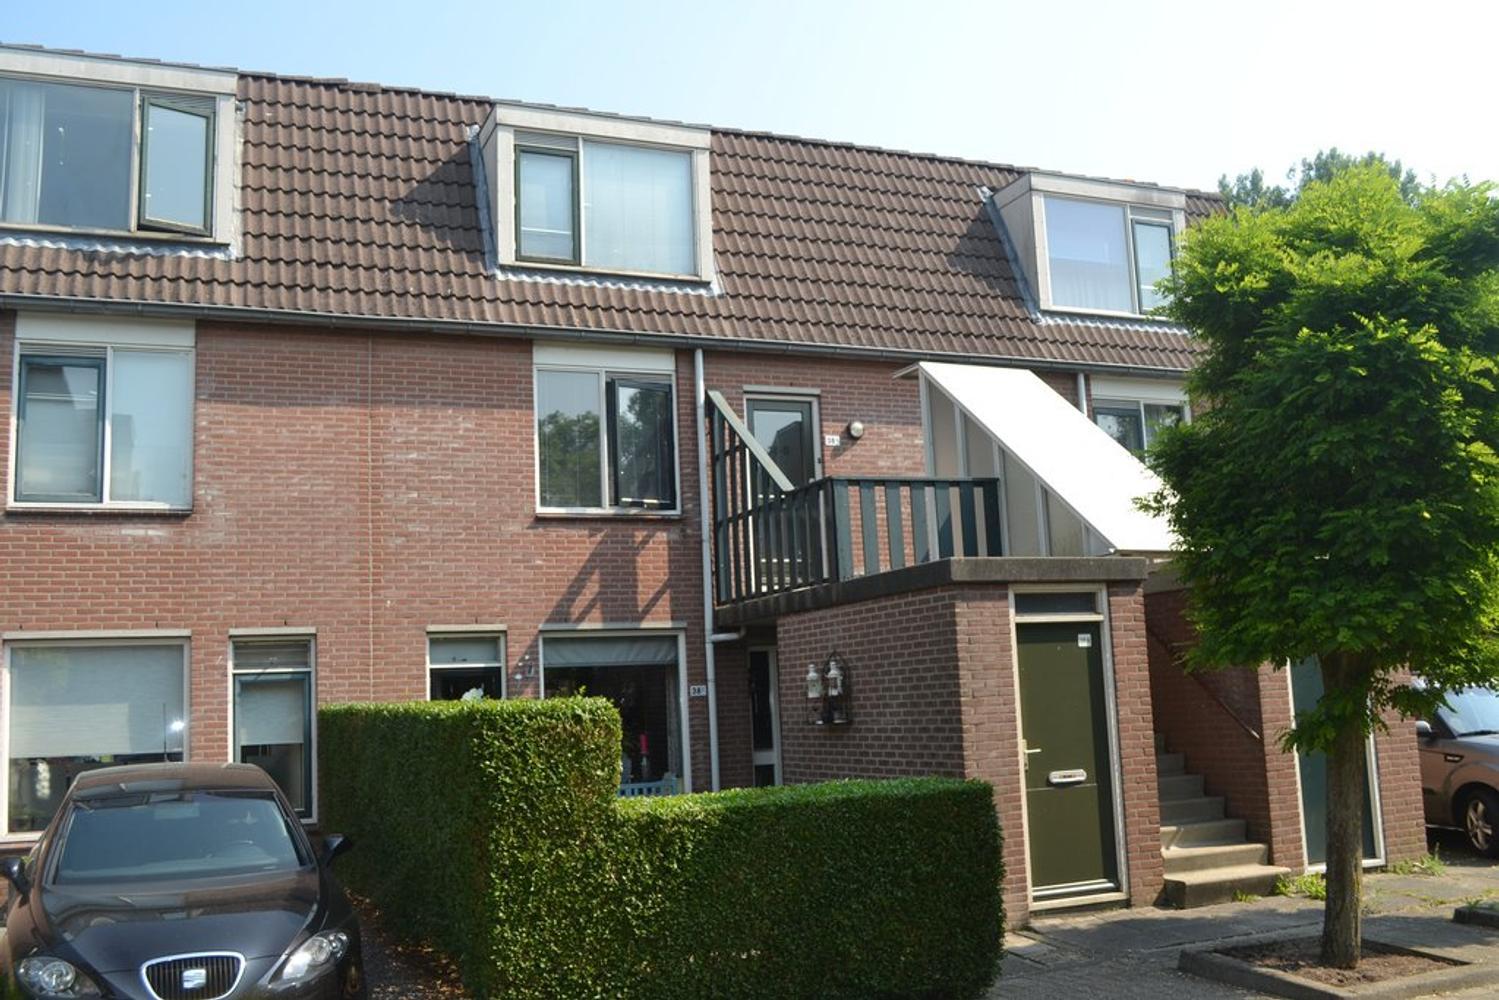 Huizen te koop en te huur in Groningen - Makelaardij Veldhuis